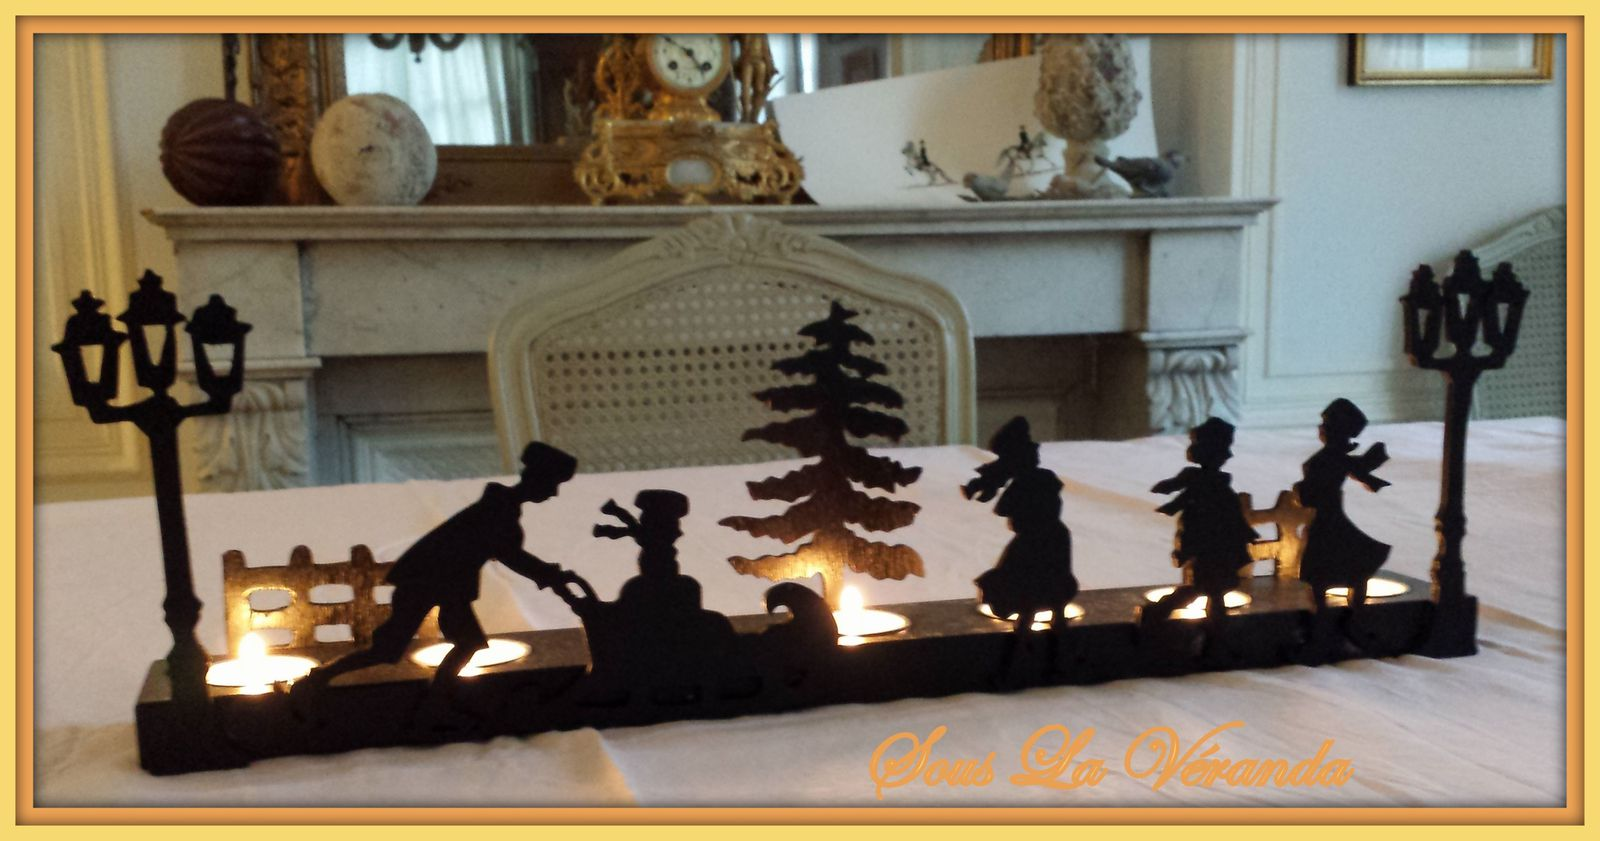 Porte lumignons de 7 bougies.Le décor est en contre-plaqué de 4mm d'épaisseur.